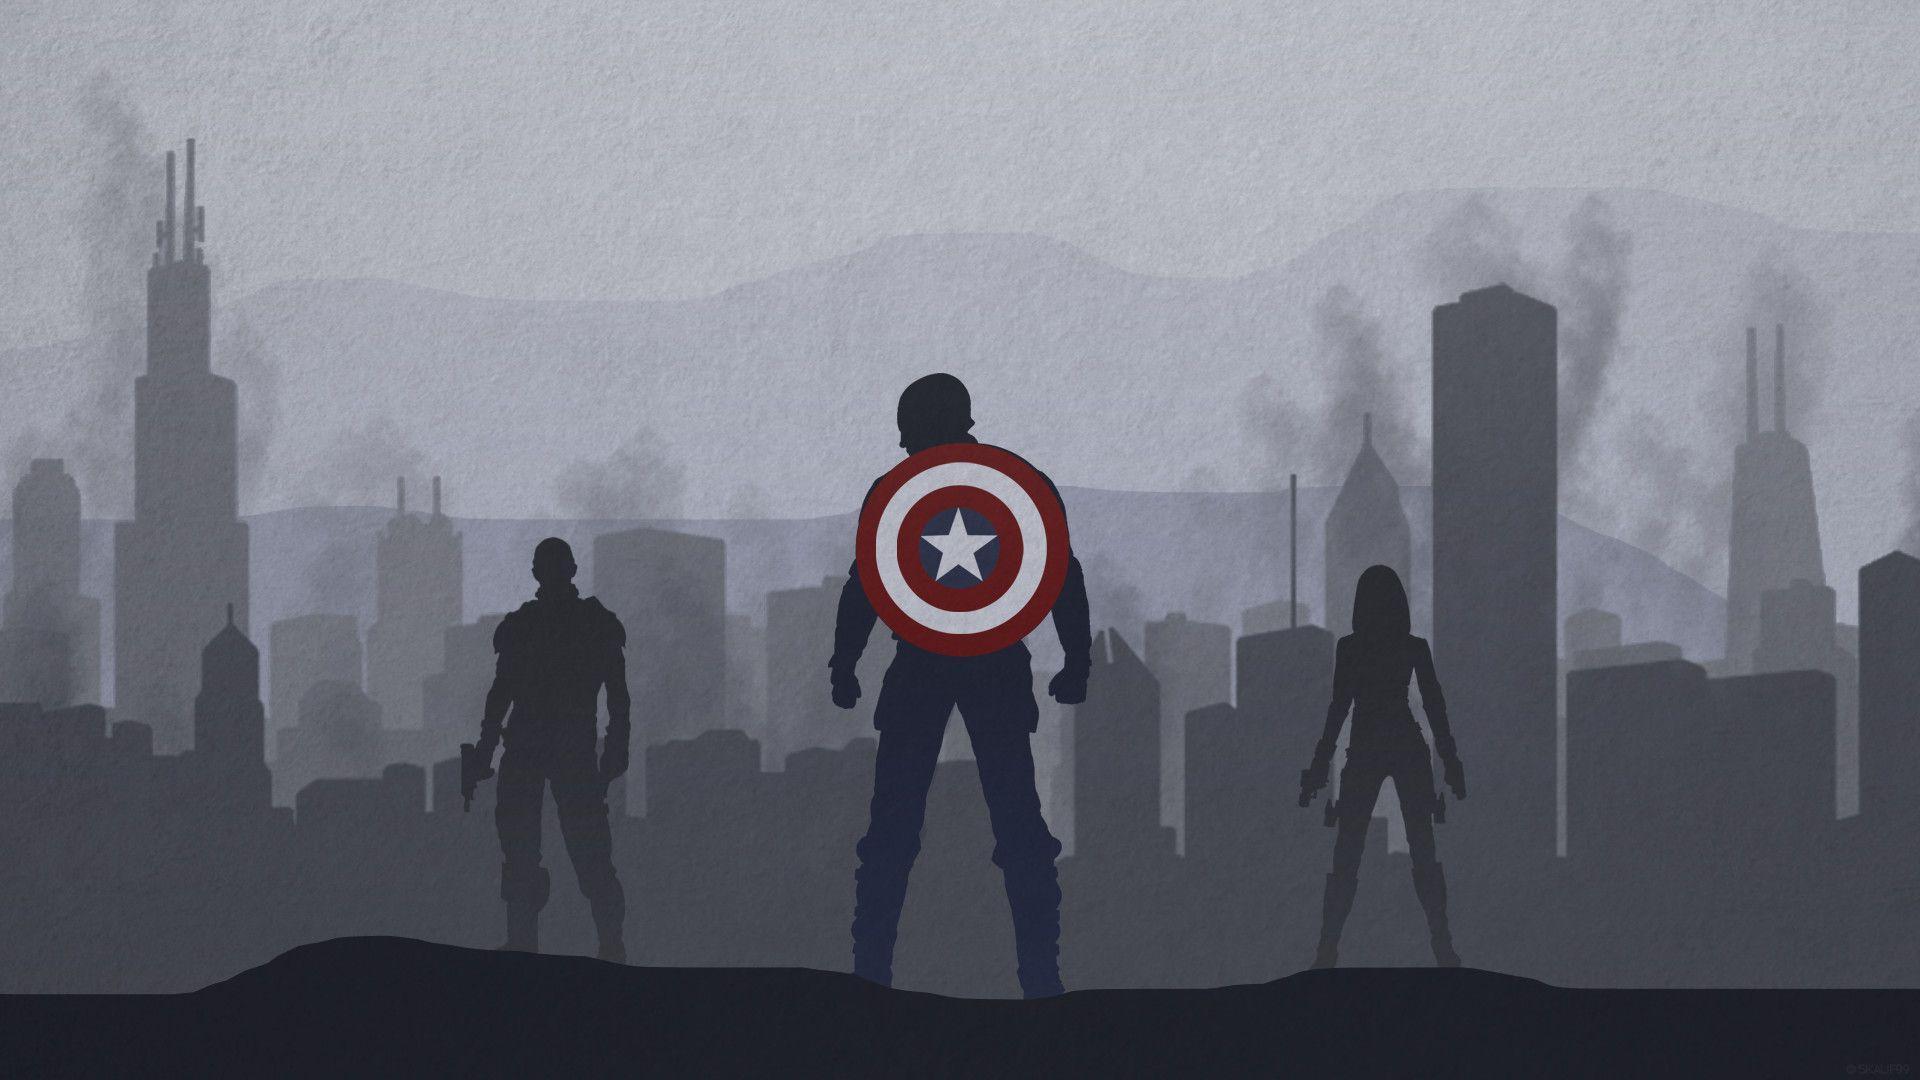 Avengers Minimalist Desktop Wallpapers Top Free Avengers Minimalist Desktop Backgrounds Wallpaperaccess